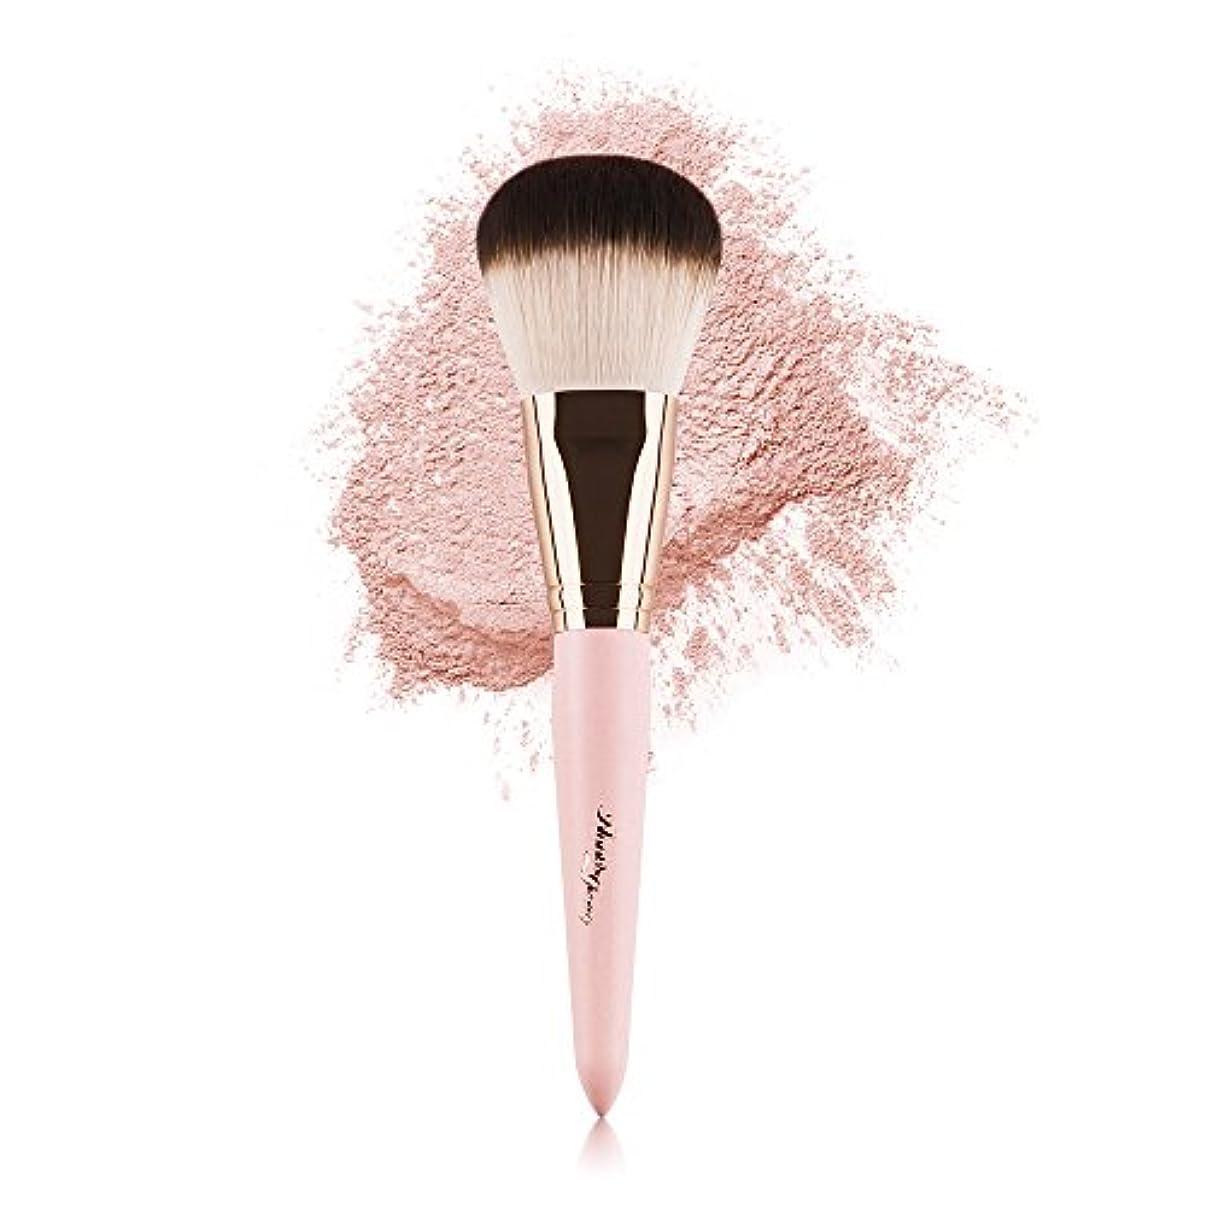 見落とすどう?隔離するAnne's Giverny チークブラシ パウダー メイクブラシ コスメ 単品 筆化粧ブラシ フェイスファンデーション ブラシ ピンク コスメ 人気 女性 プレゼント